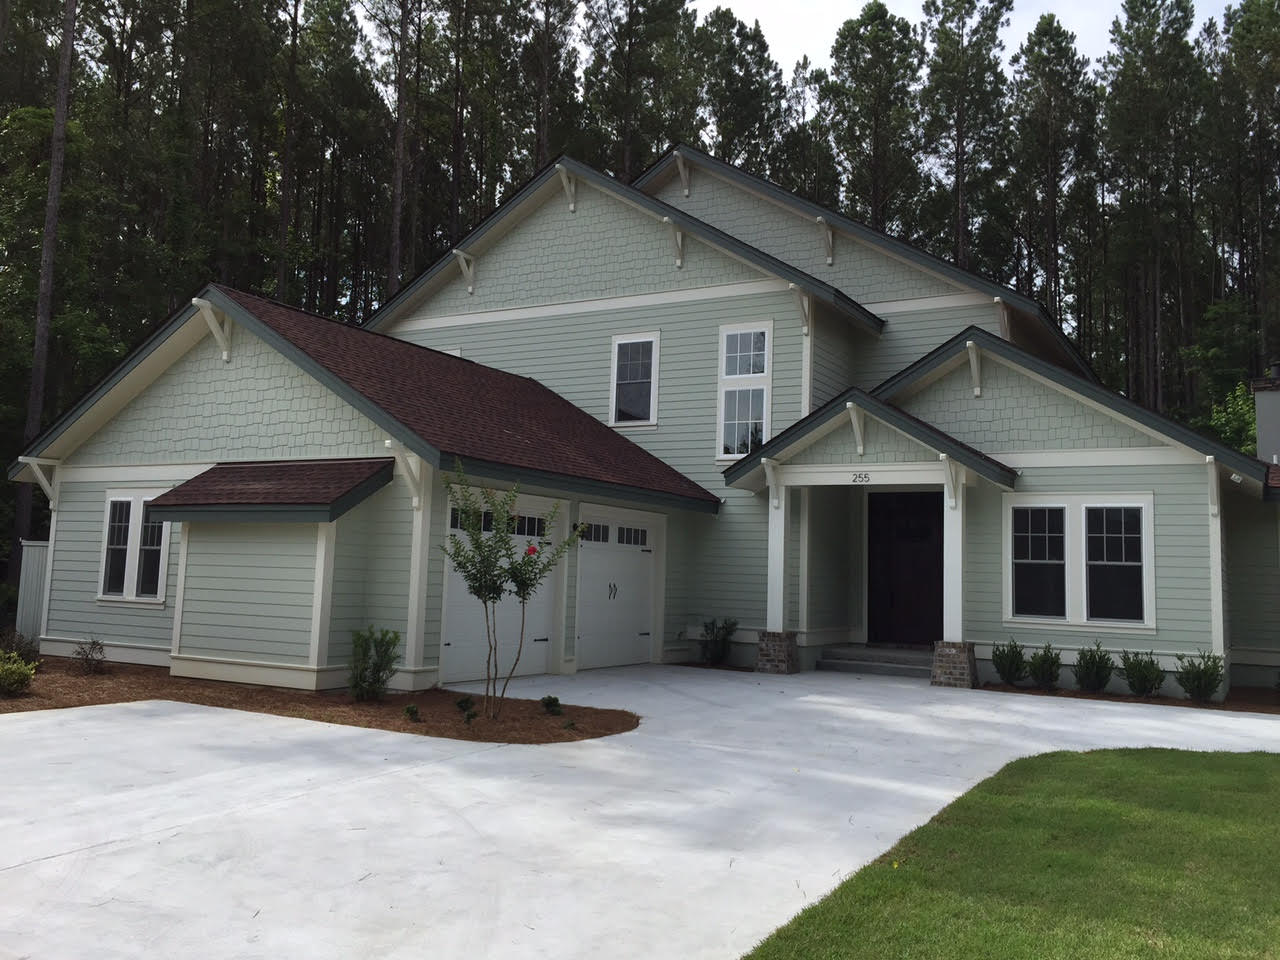 Casa na Carolina do Sul dentro da comunidade Hampton Lake para venda. - Preço: U$599,000